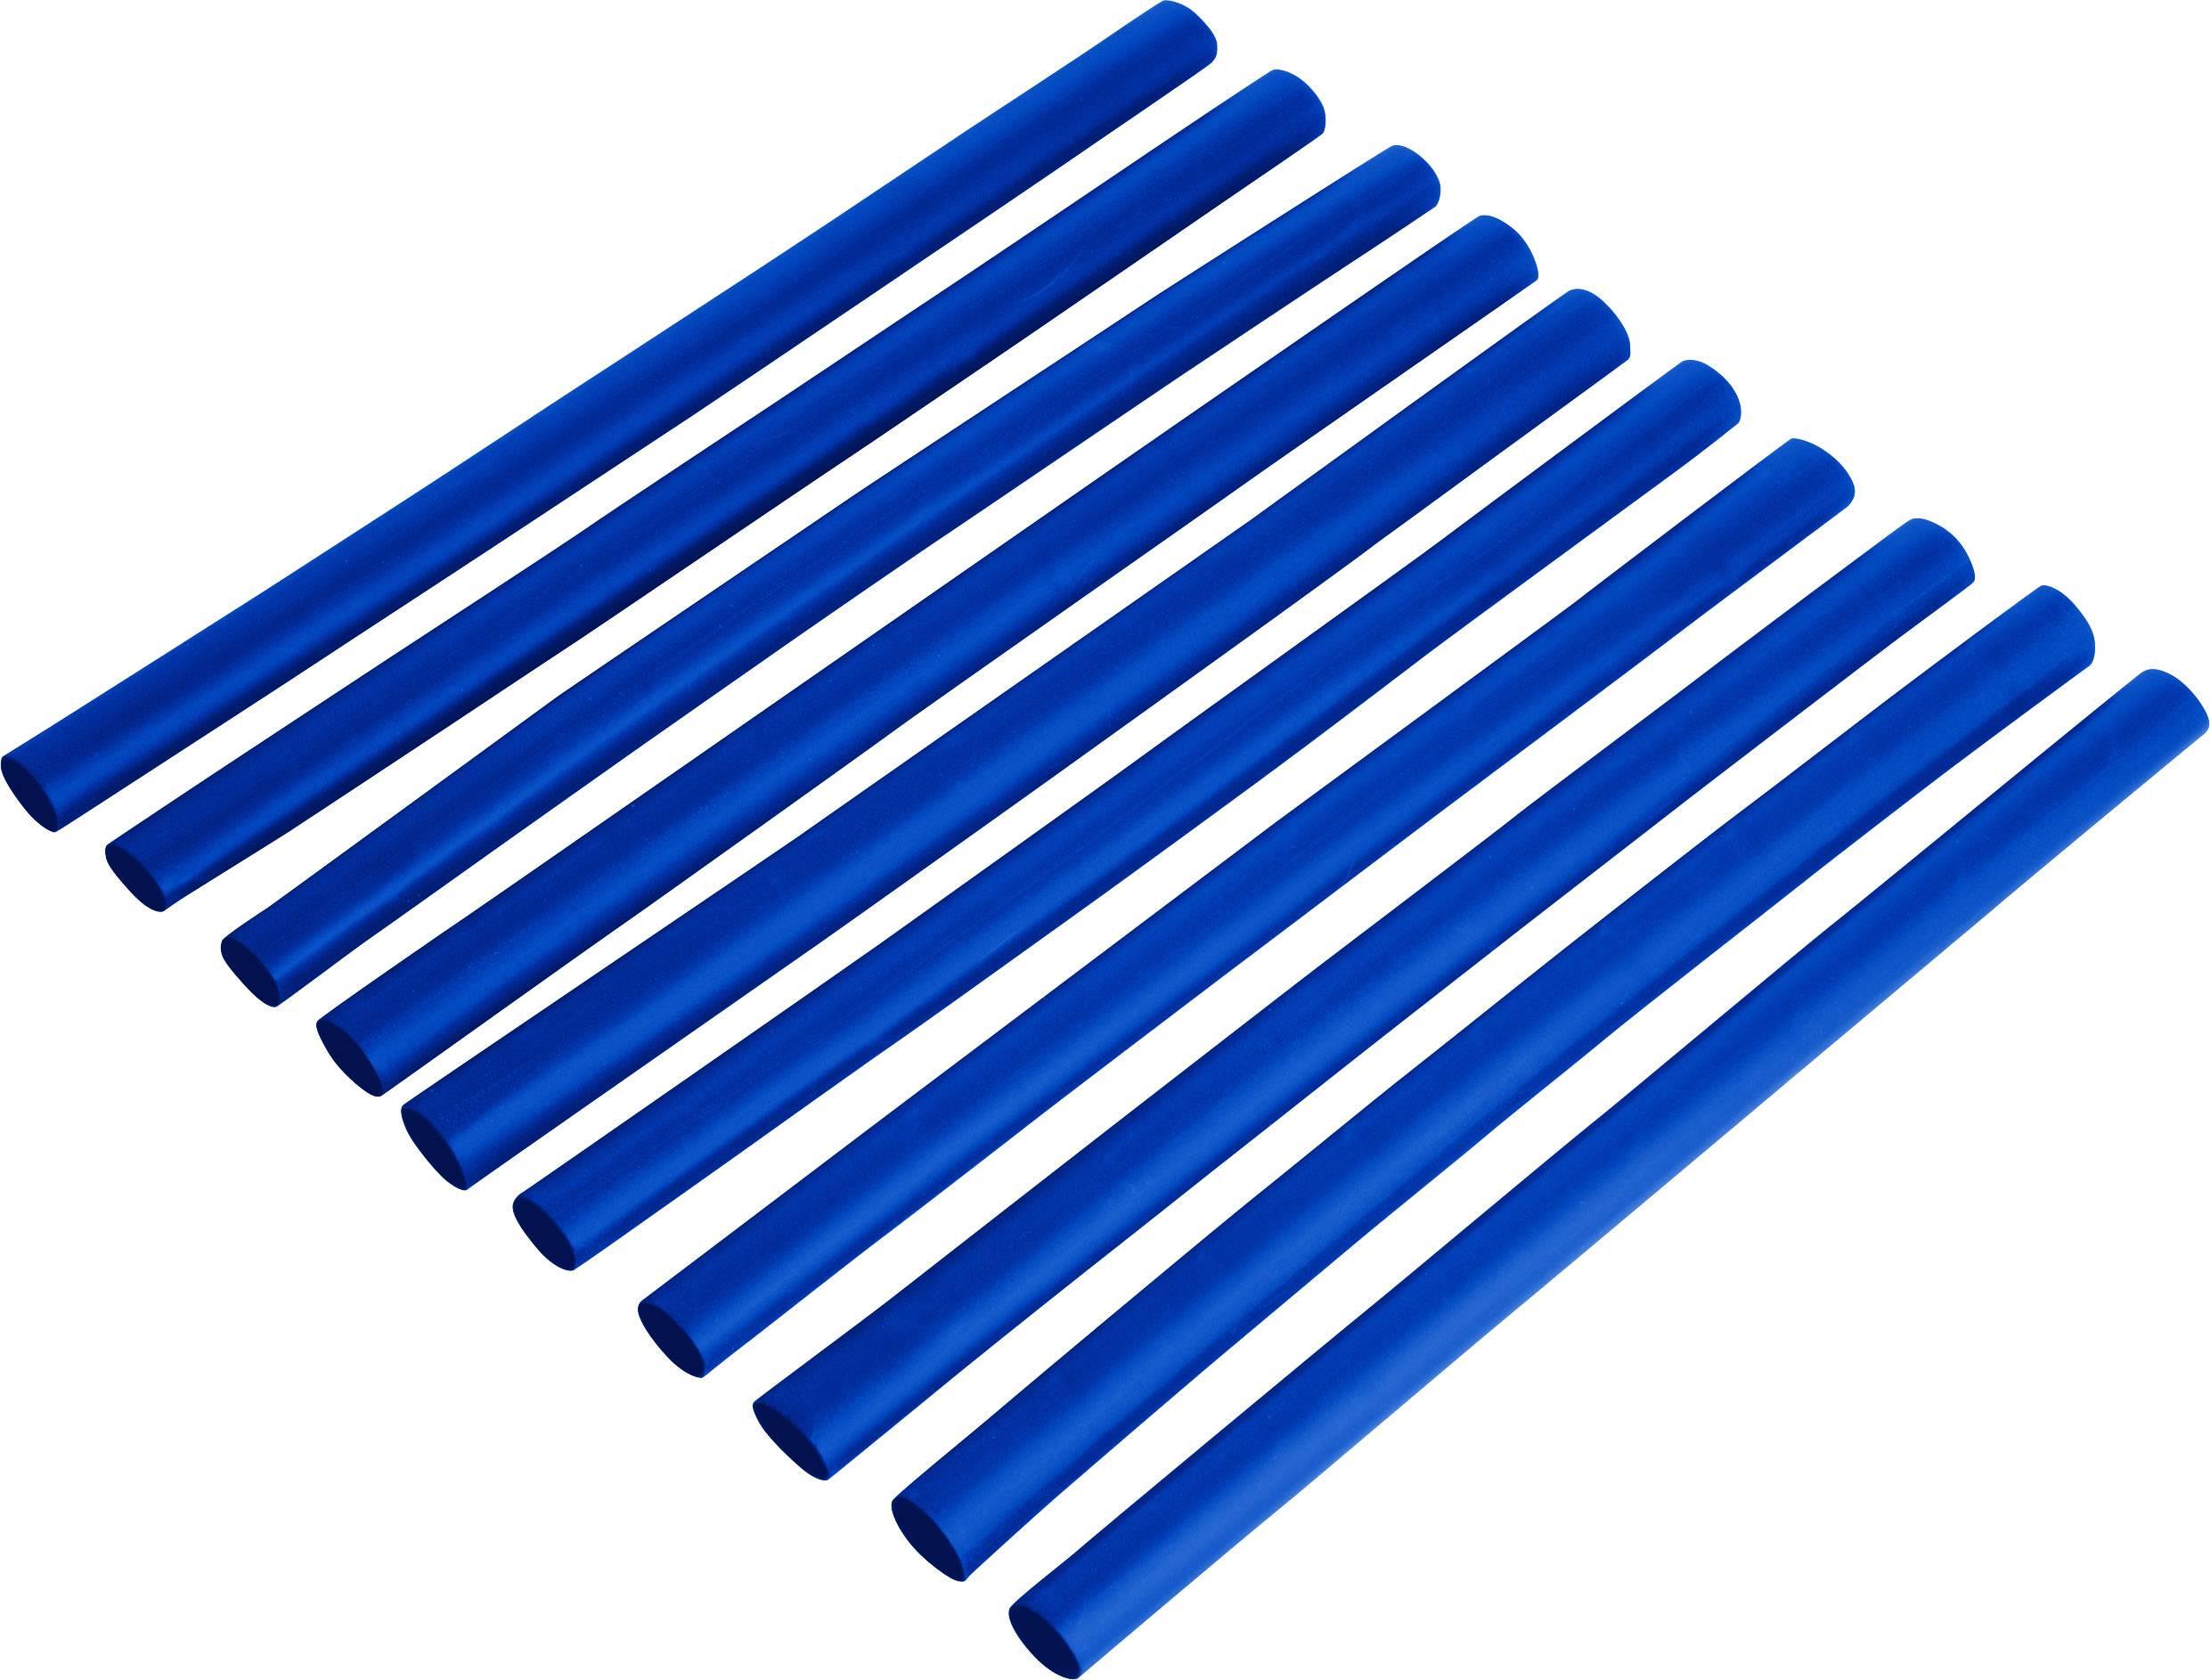 Sada zmršťovacých bužírok DSG Canusa 2810032502CO, 2:1, 1.60 mm /3.20 mm, modrá, 1 sada